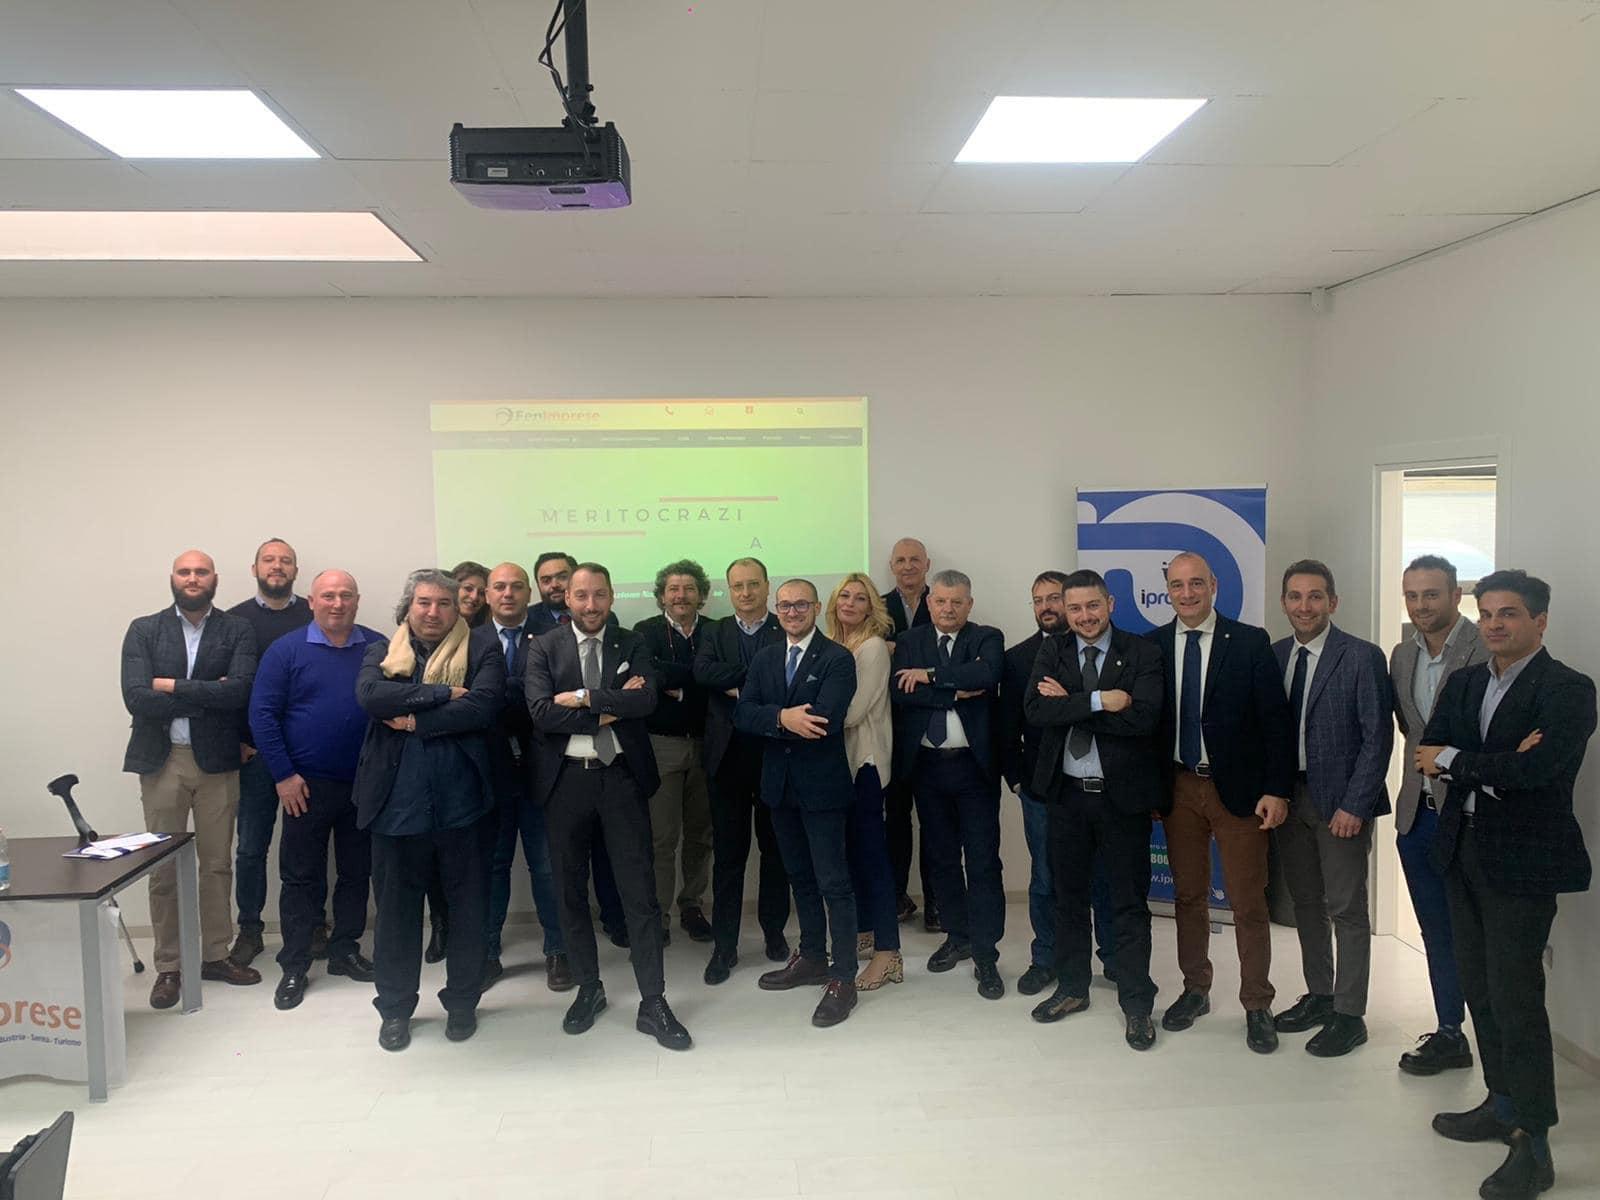 Gionata formativa per alcuni Dirigenti FenImprese presso la sede nazionale dei servizi di Modena